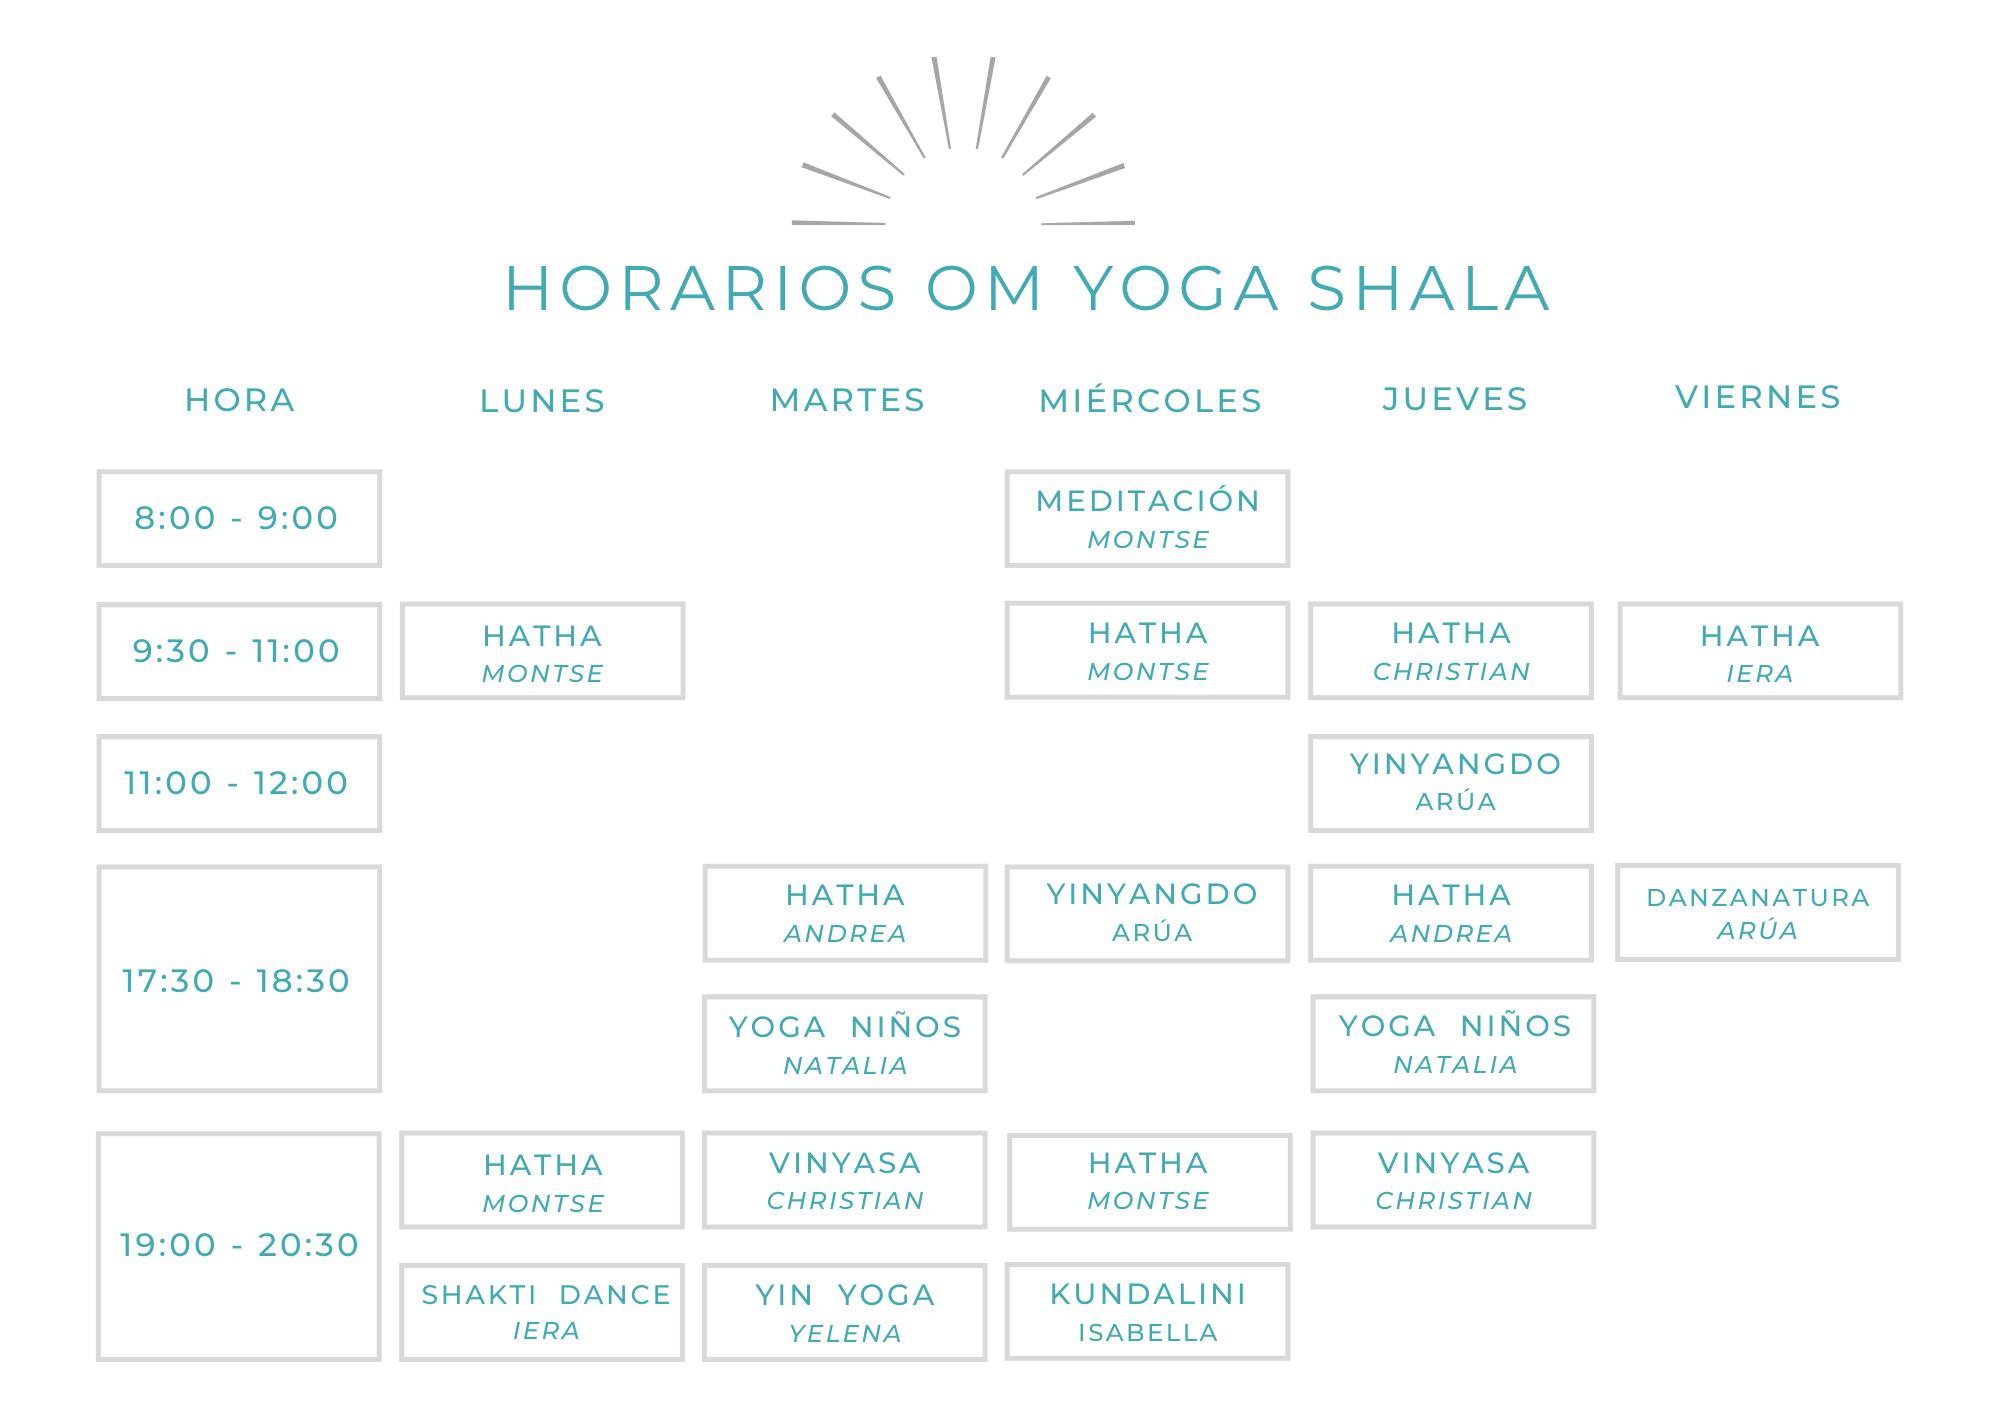 horarios yoga hatha meditación vinyasa gava